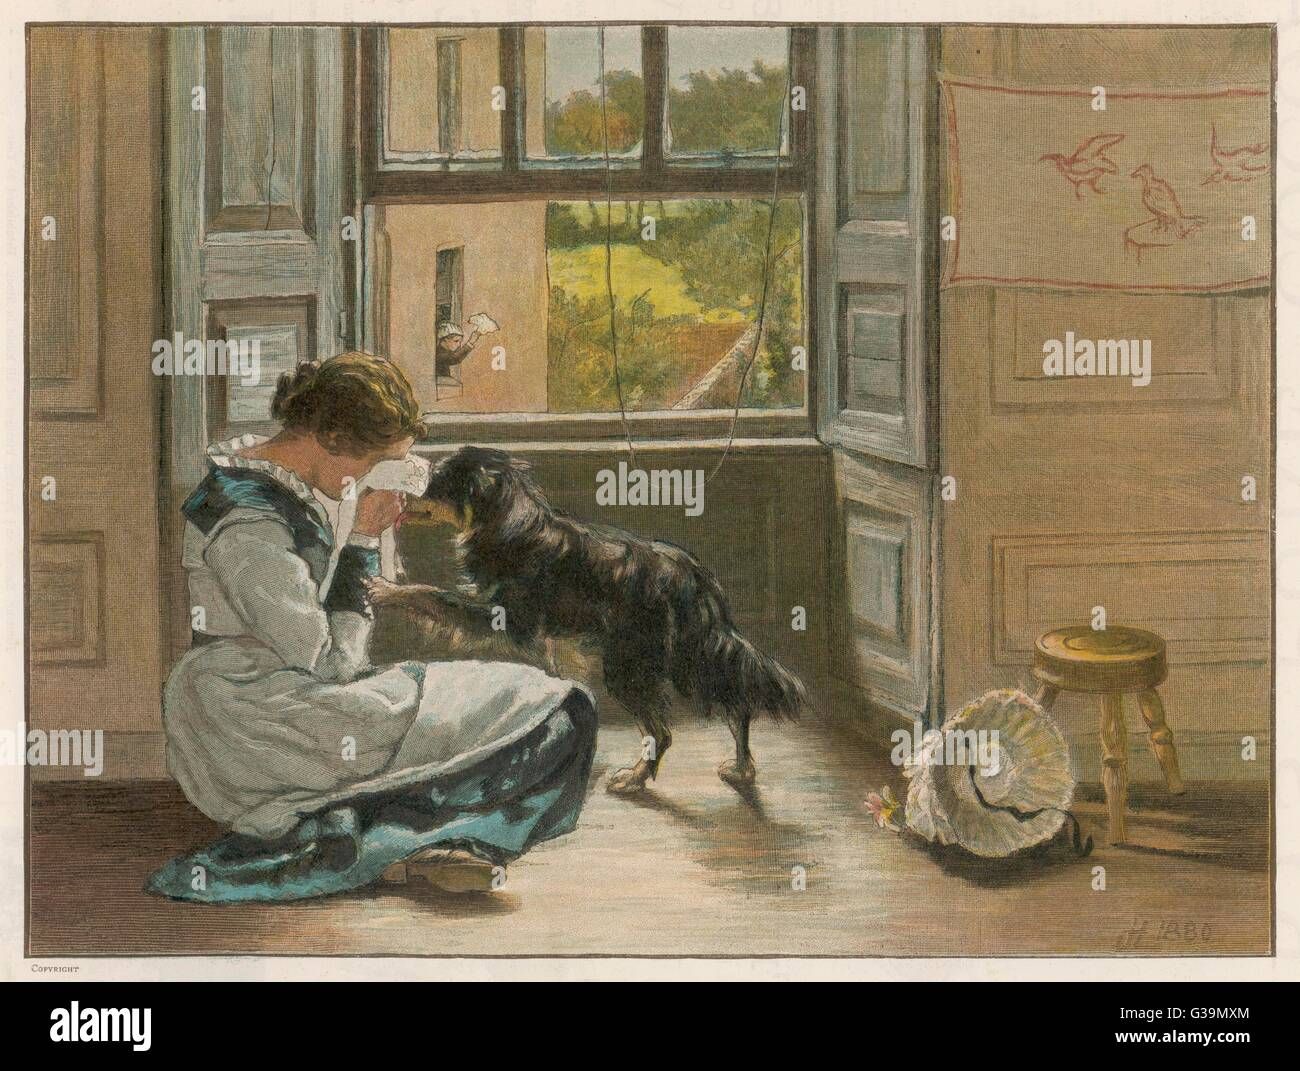 Una ragazza piange attira la simpatia del suo cane data: 1886 Immagini Stock